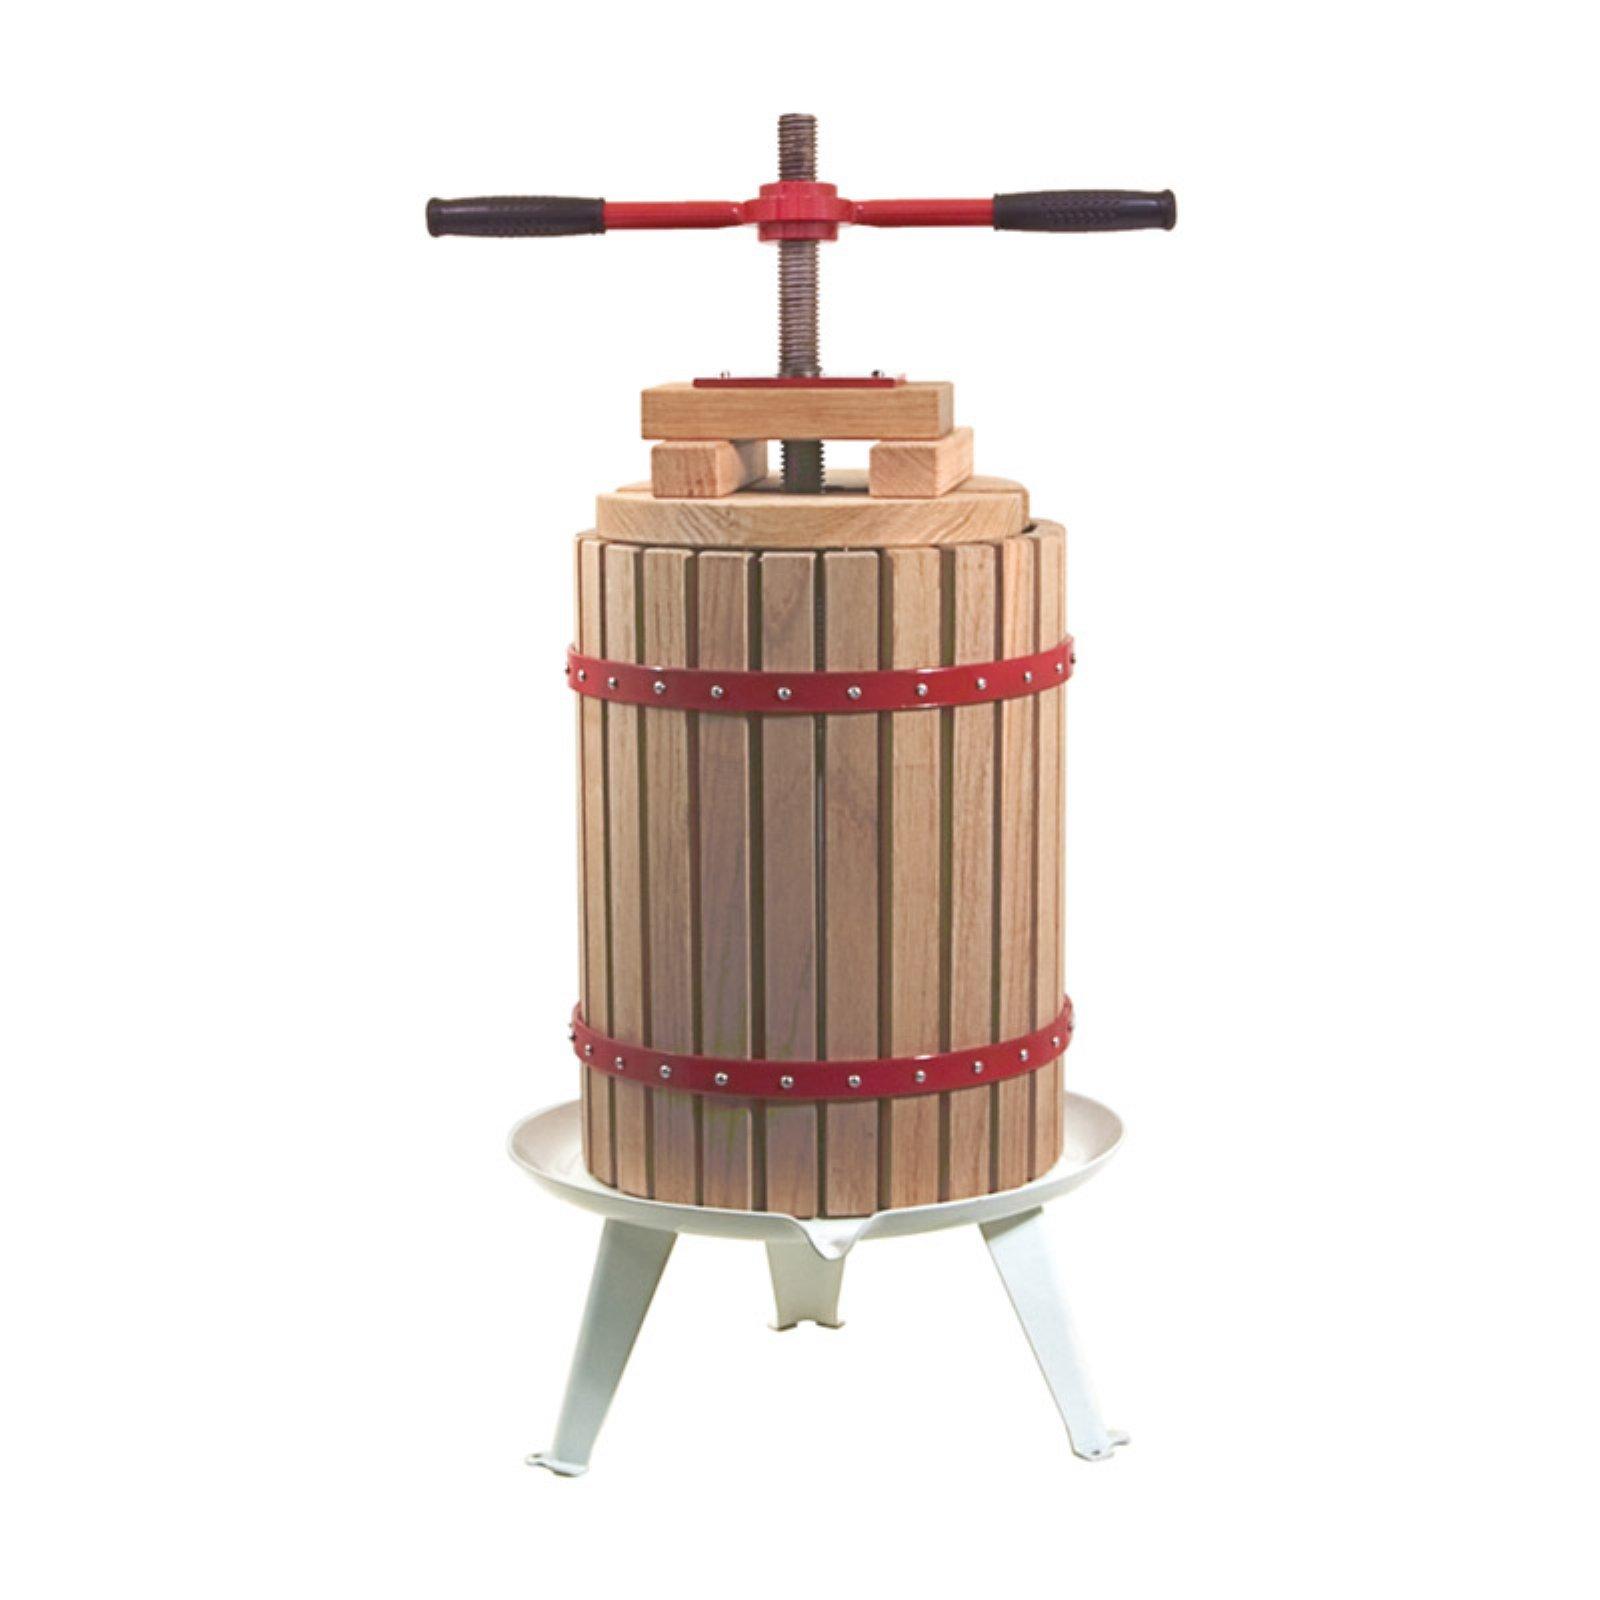 TSM Home Wine Press - 5 Gallon (31168) - 31168